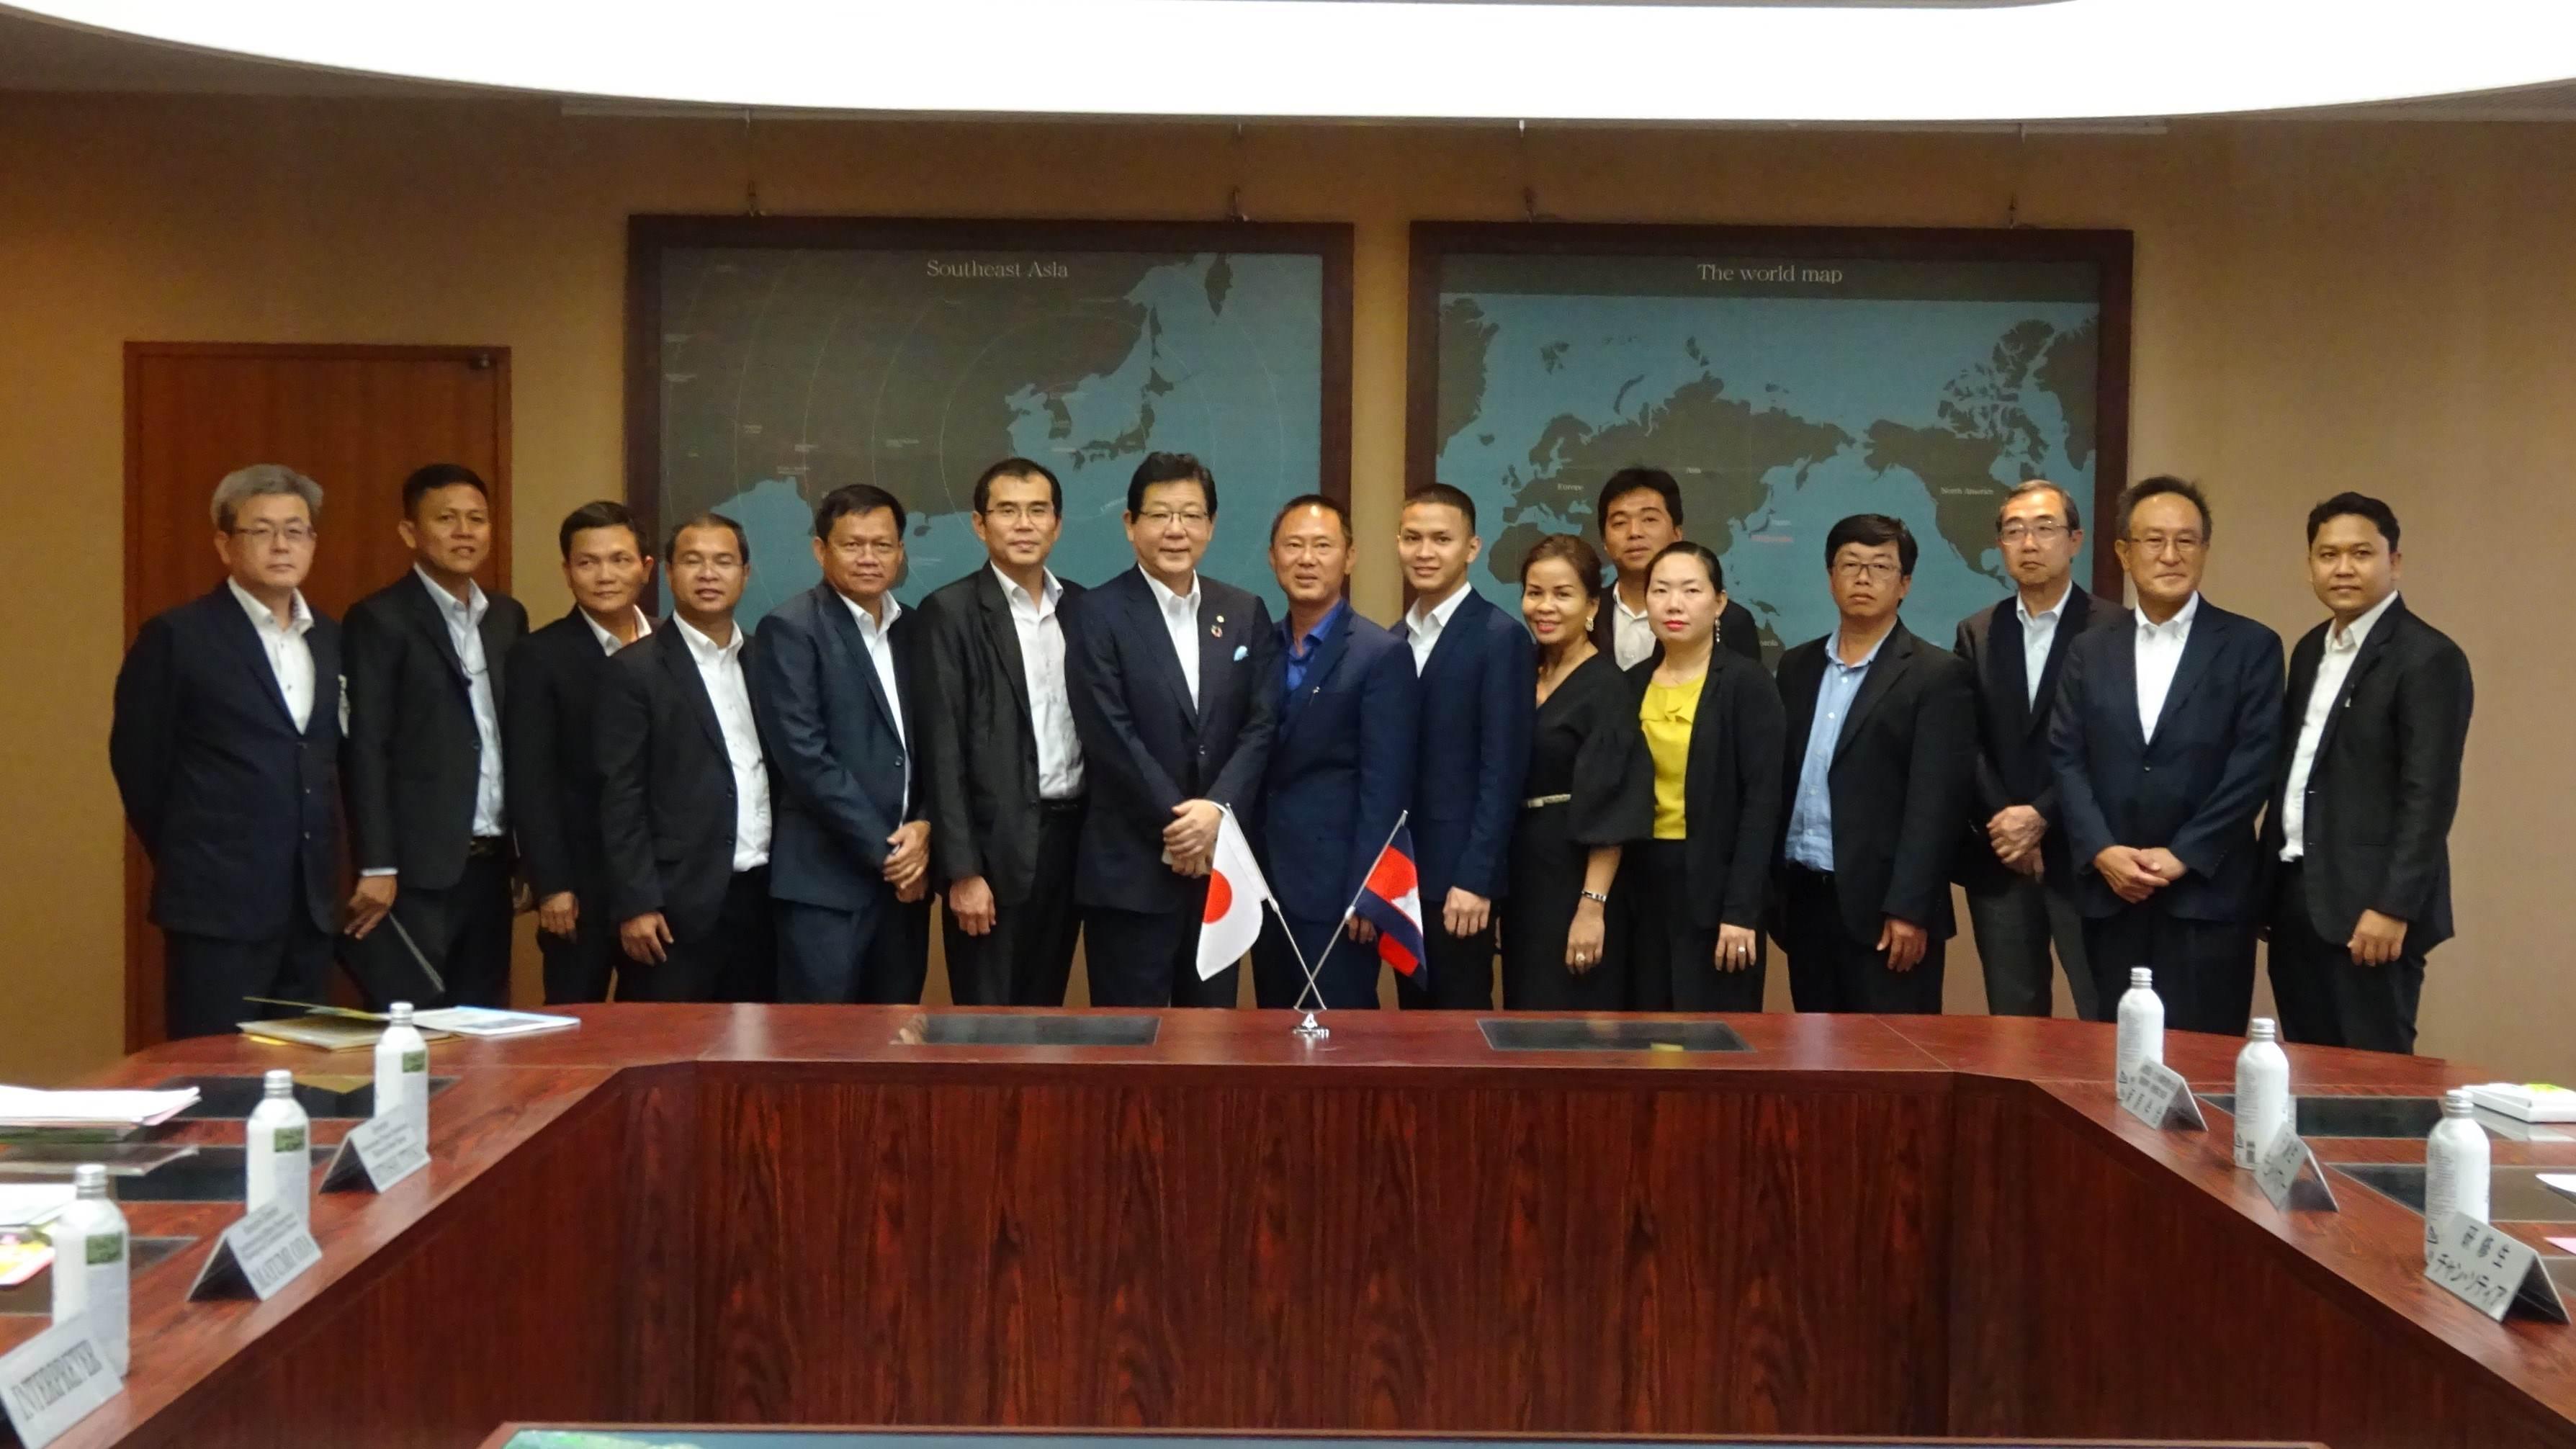 カンボジア環境ビジネススタディツアー北九州研修を支援